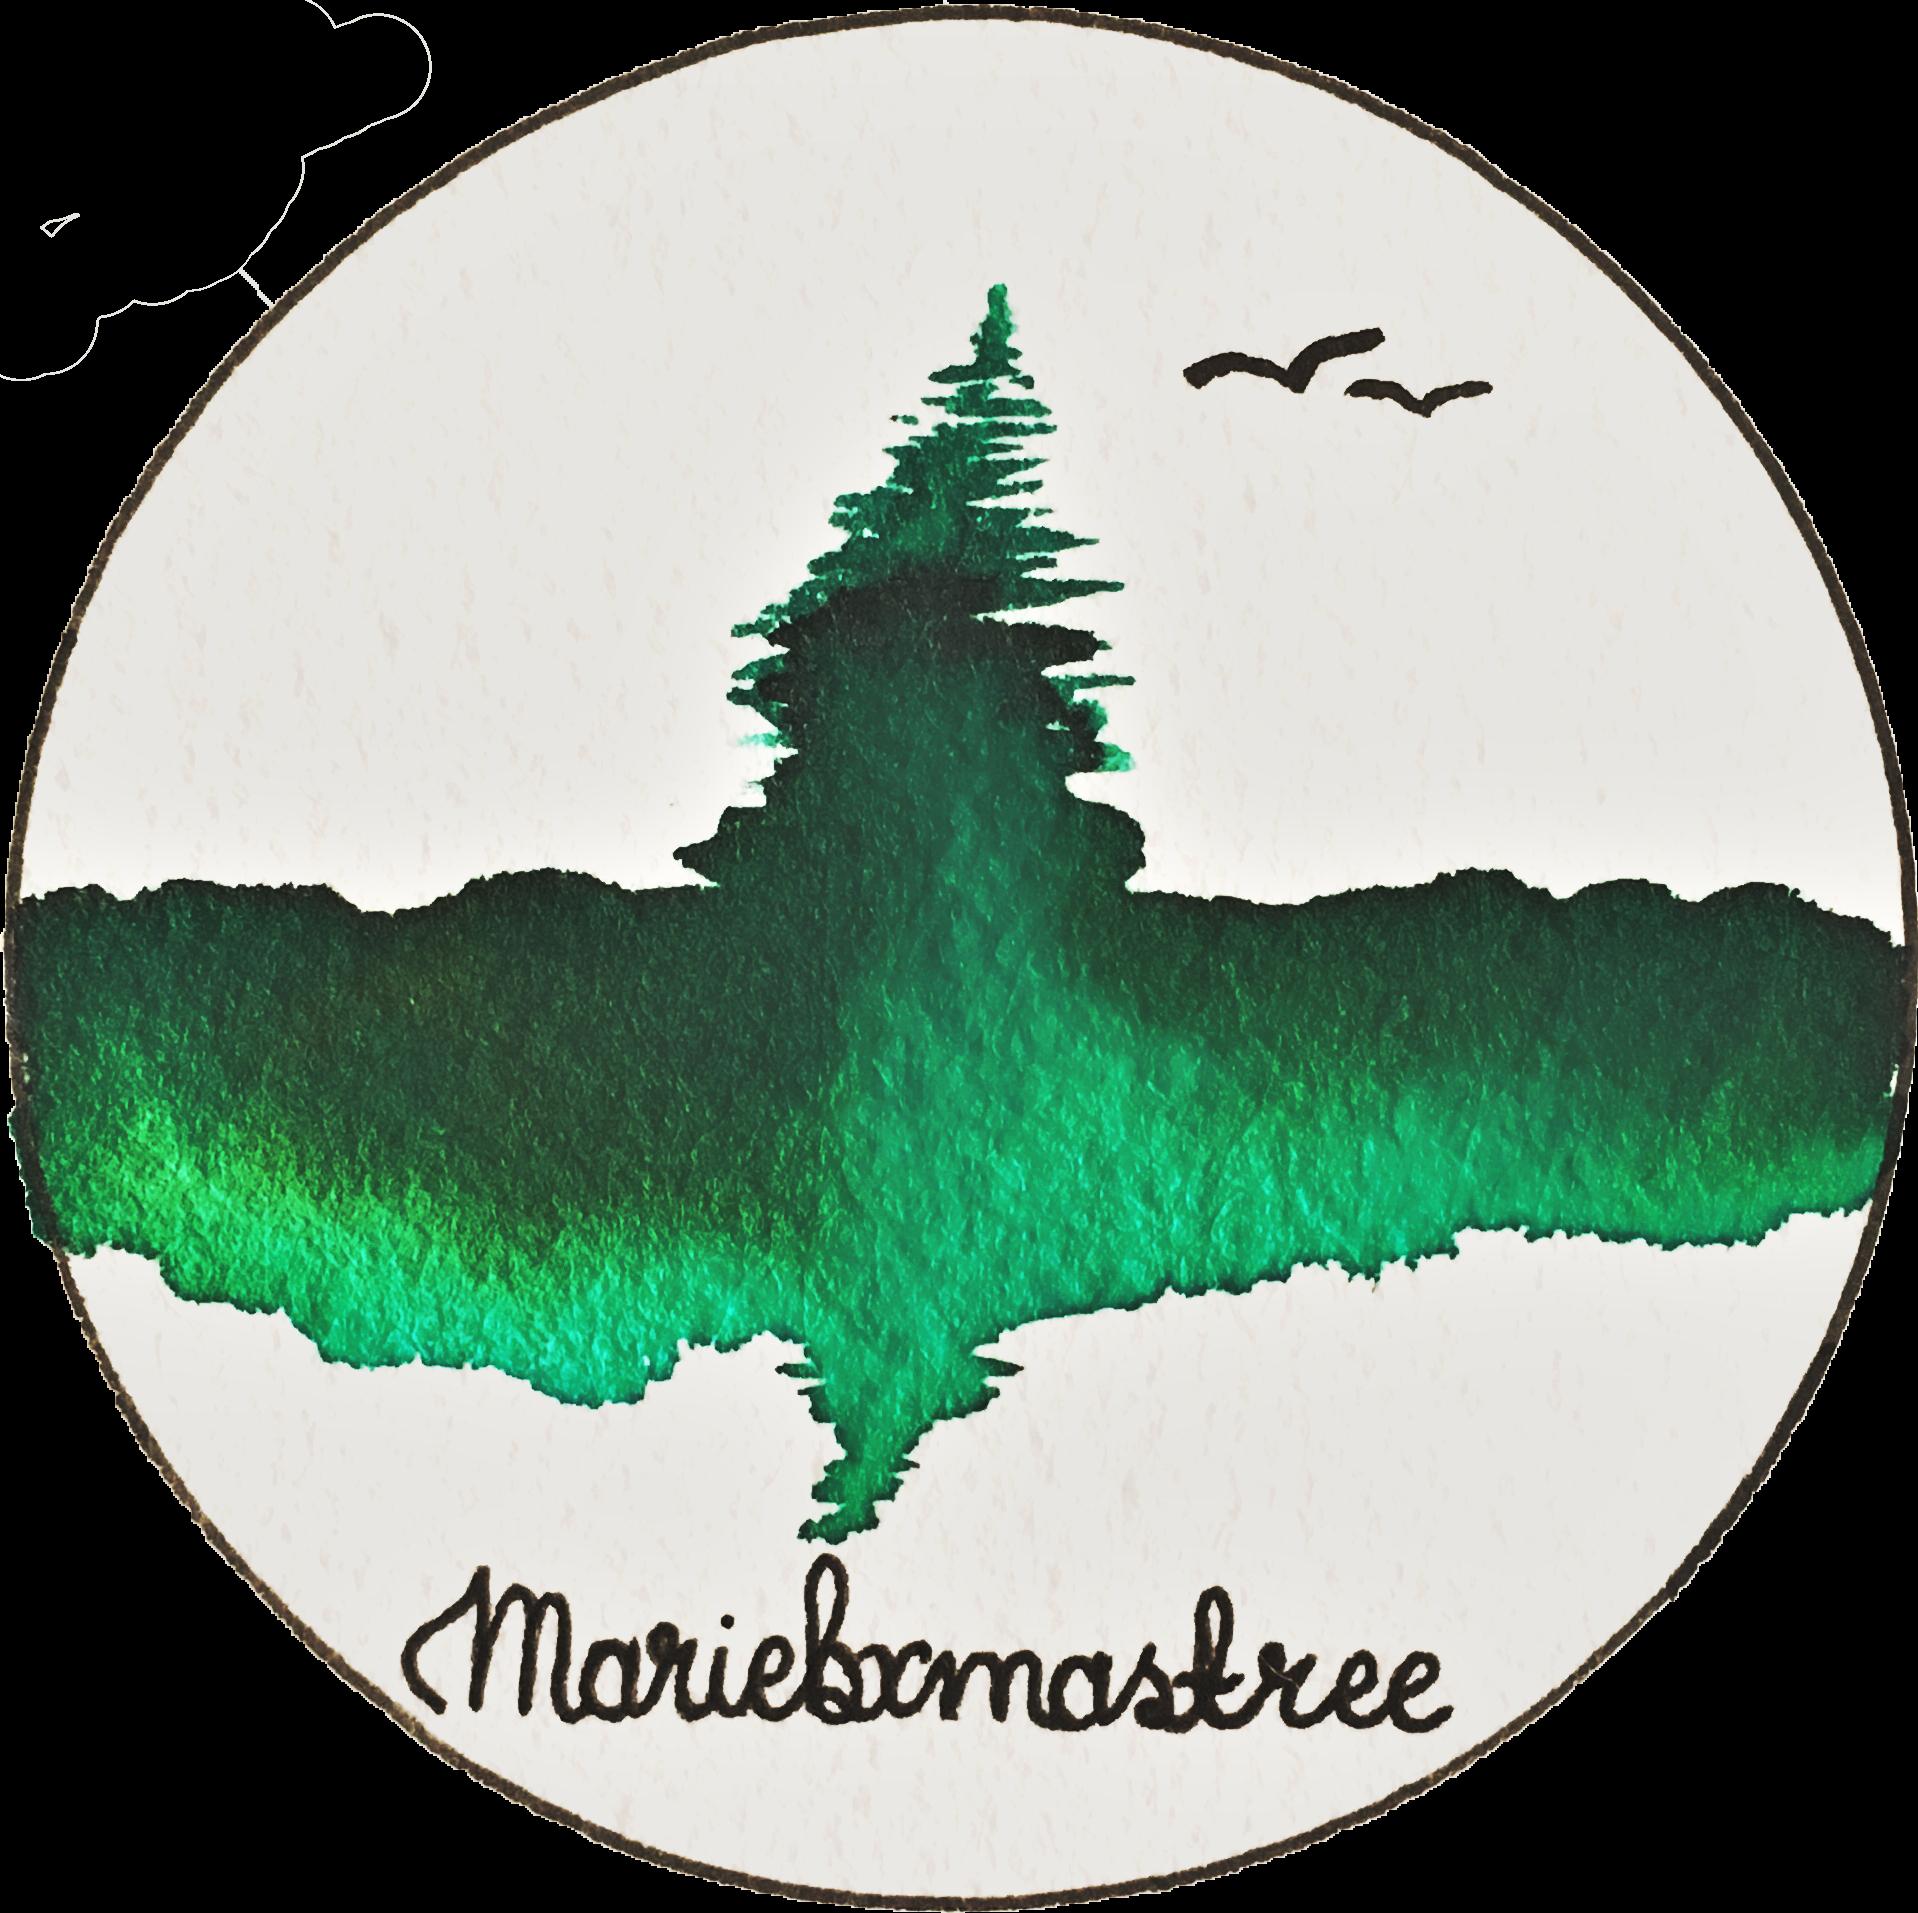 mariebxmastree